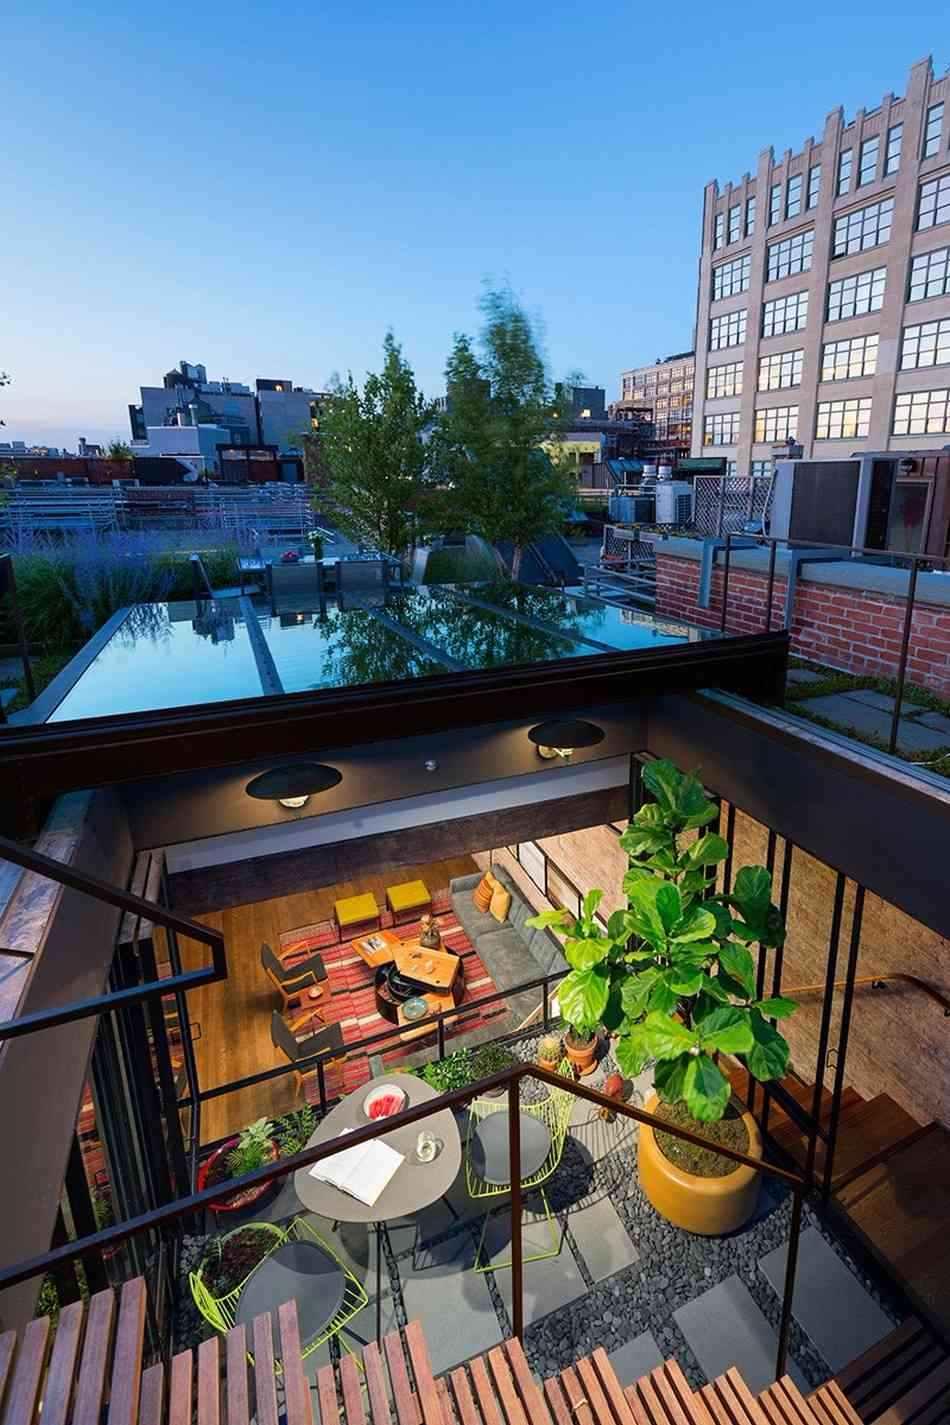 O grande telhado em vidro consegue cobrir toda a área social da residência